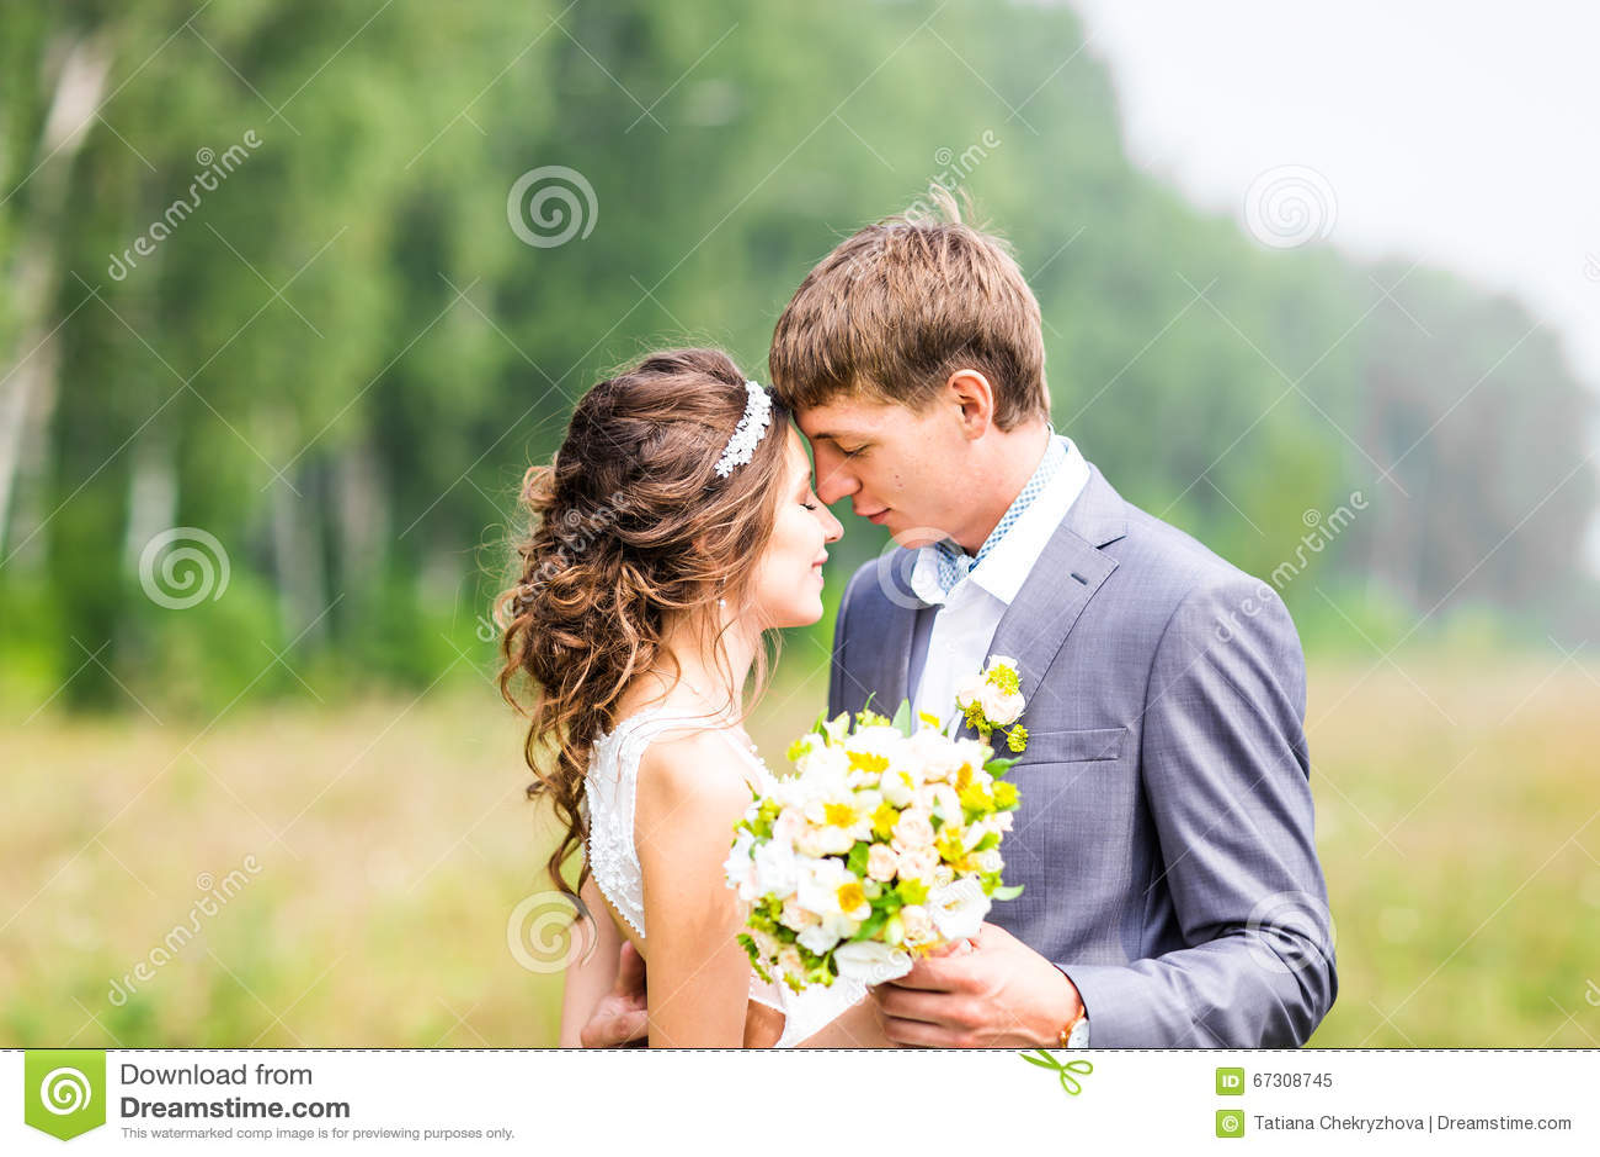 Plattform bröllop för härlig för brudparmode för gräs for för brudgum kyssande binder crystal smycken för parcravaten bröllop